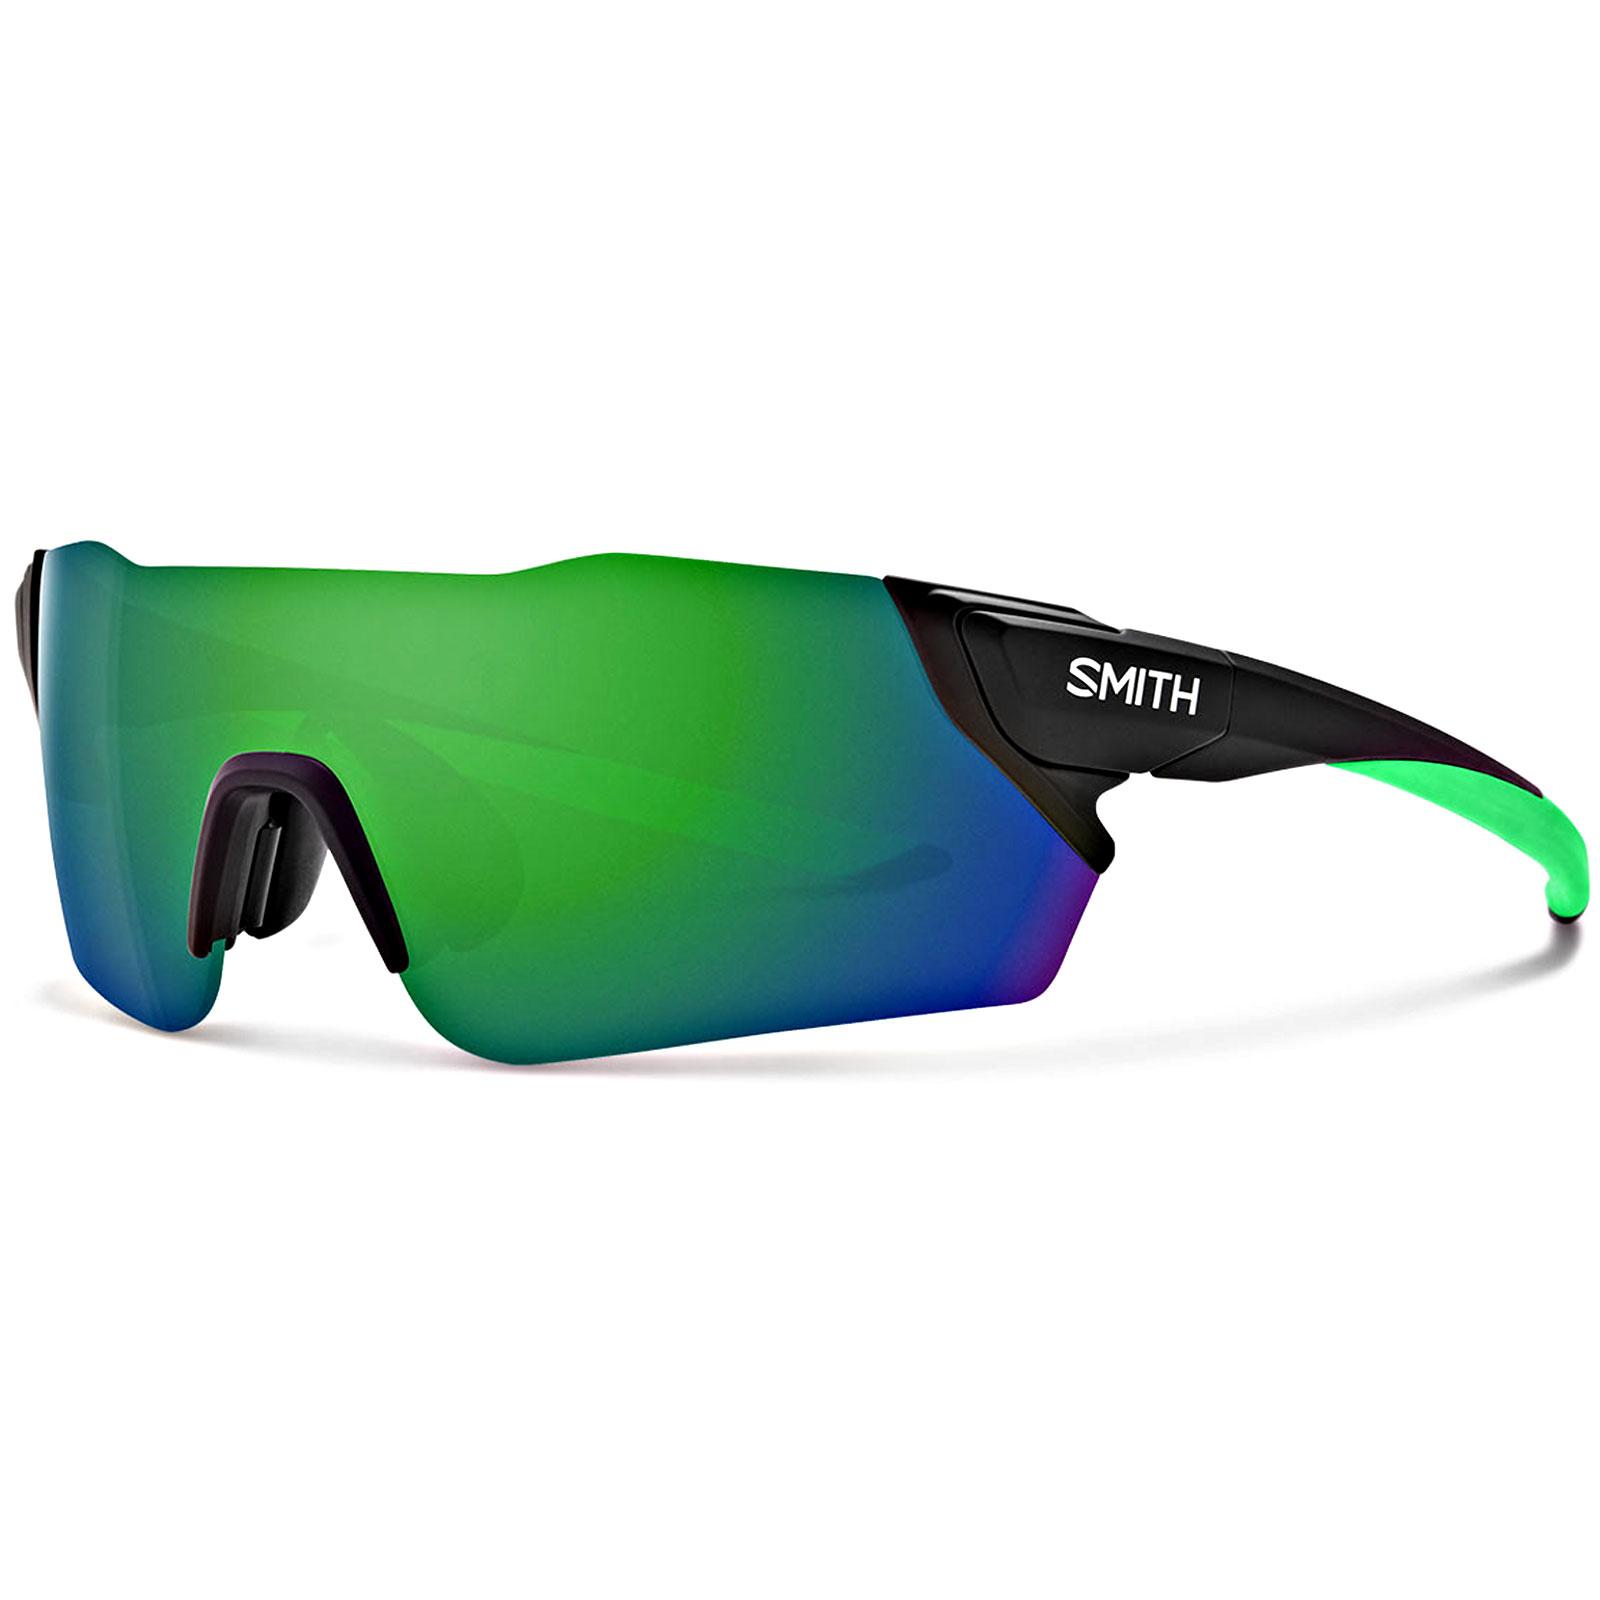 Smith Optics Attack Sunglasses  2f19bc253ebc